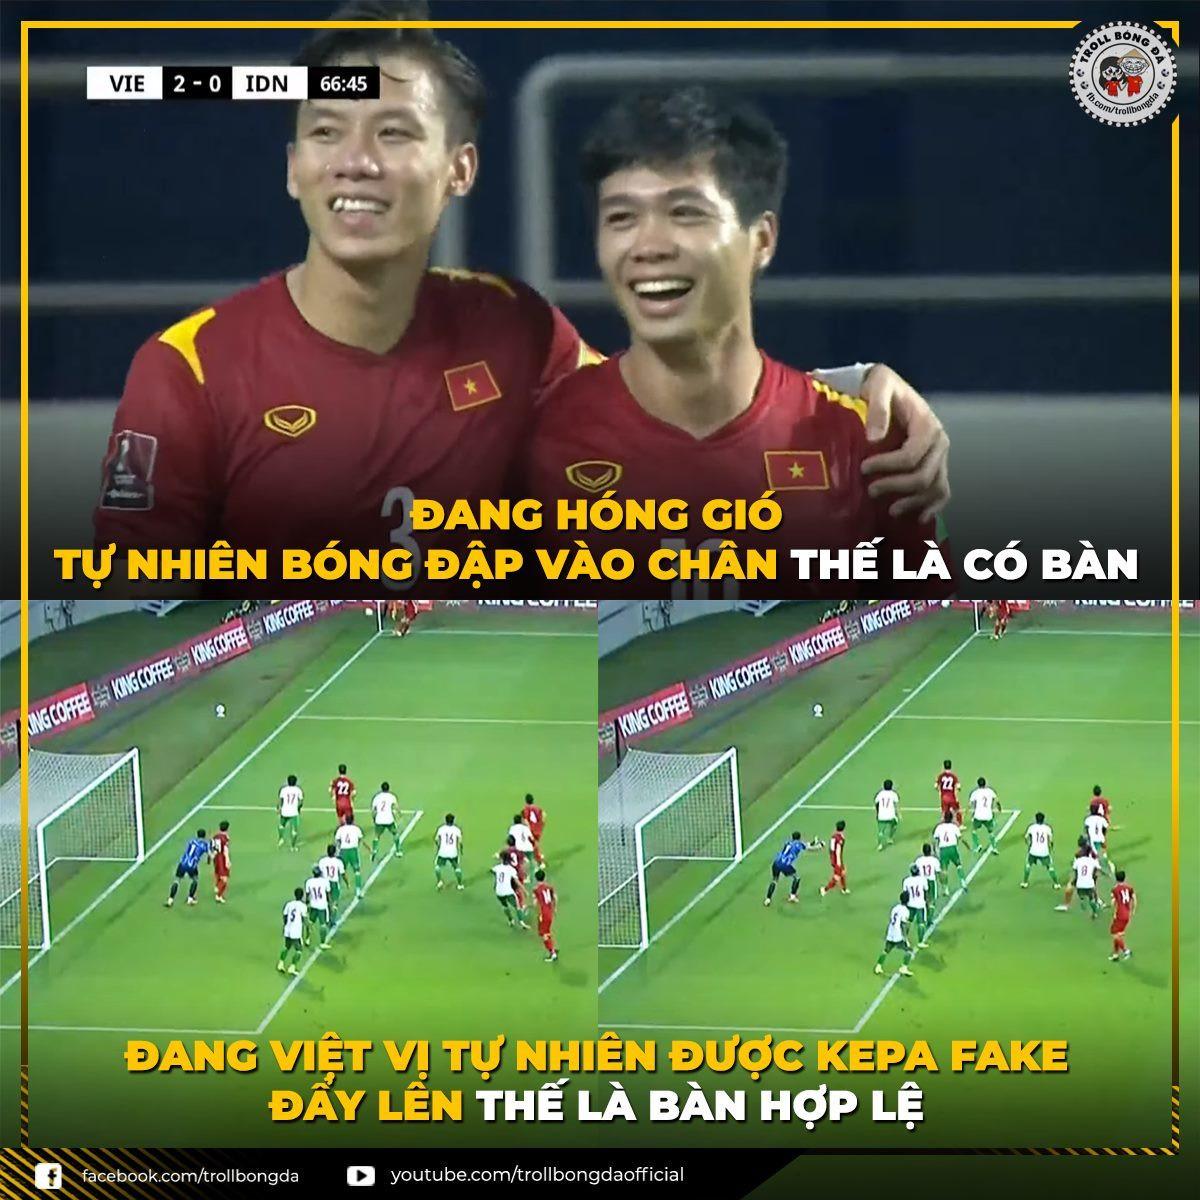 Ngập tràn ảnh chế sau trận thắng của tuyển Việt Nam trước Indonesia-11